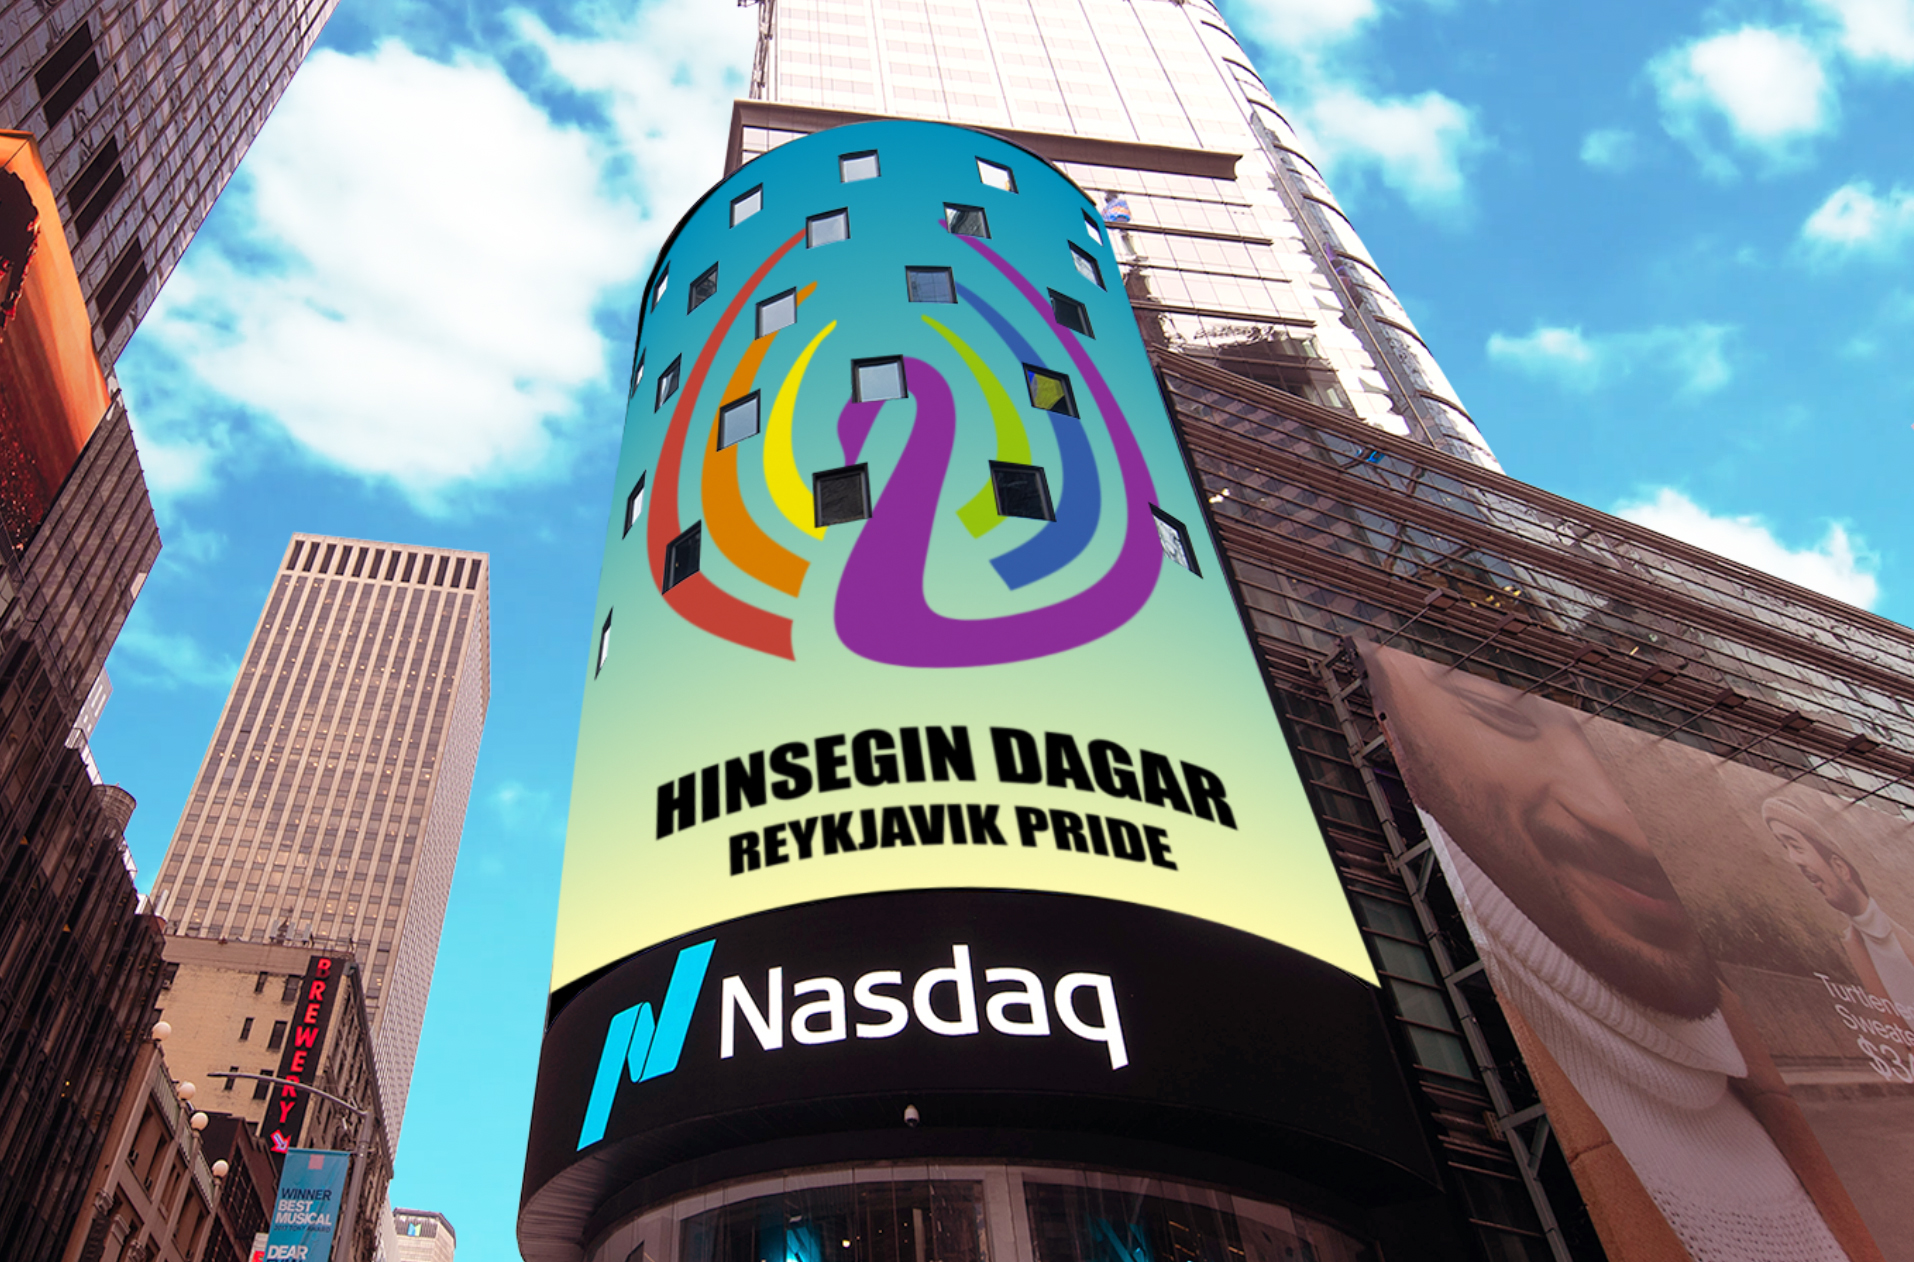 Nasdaq í samstarf við Hinsegin daga 2020